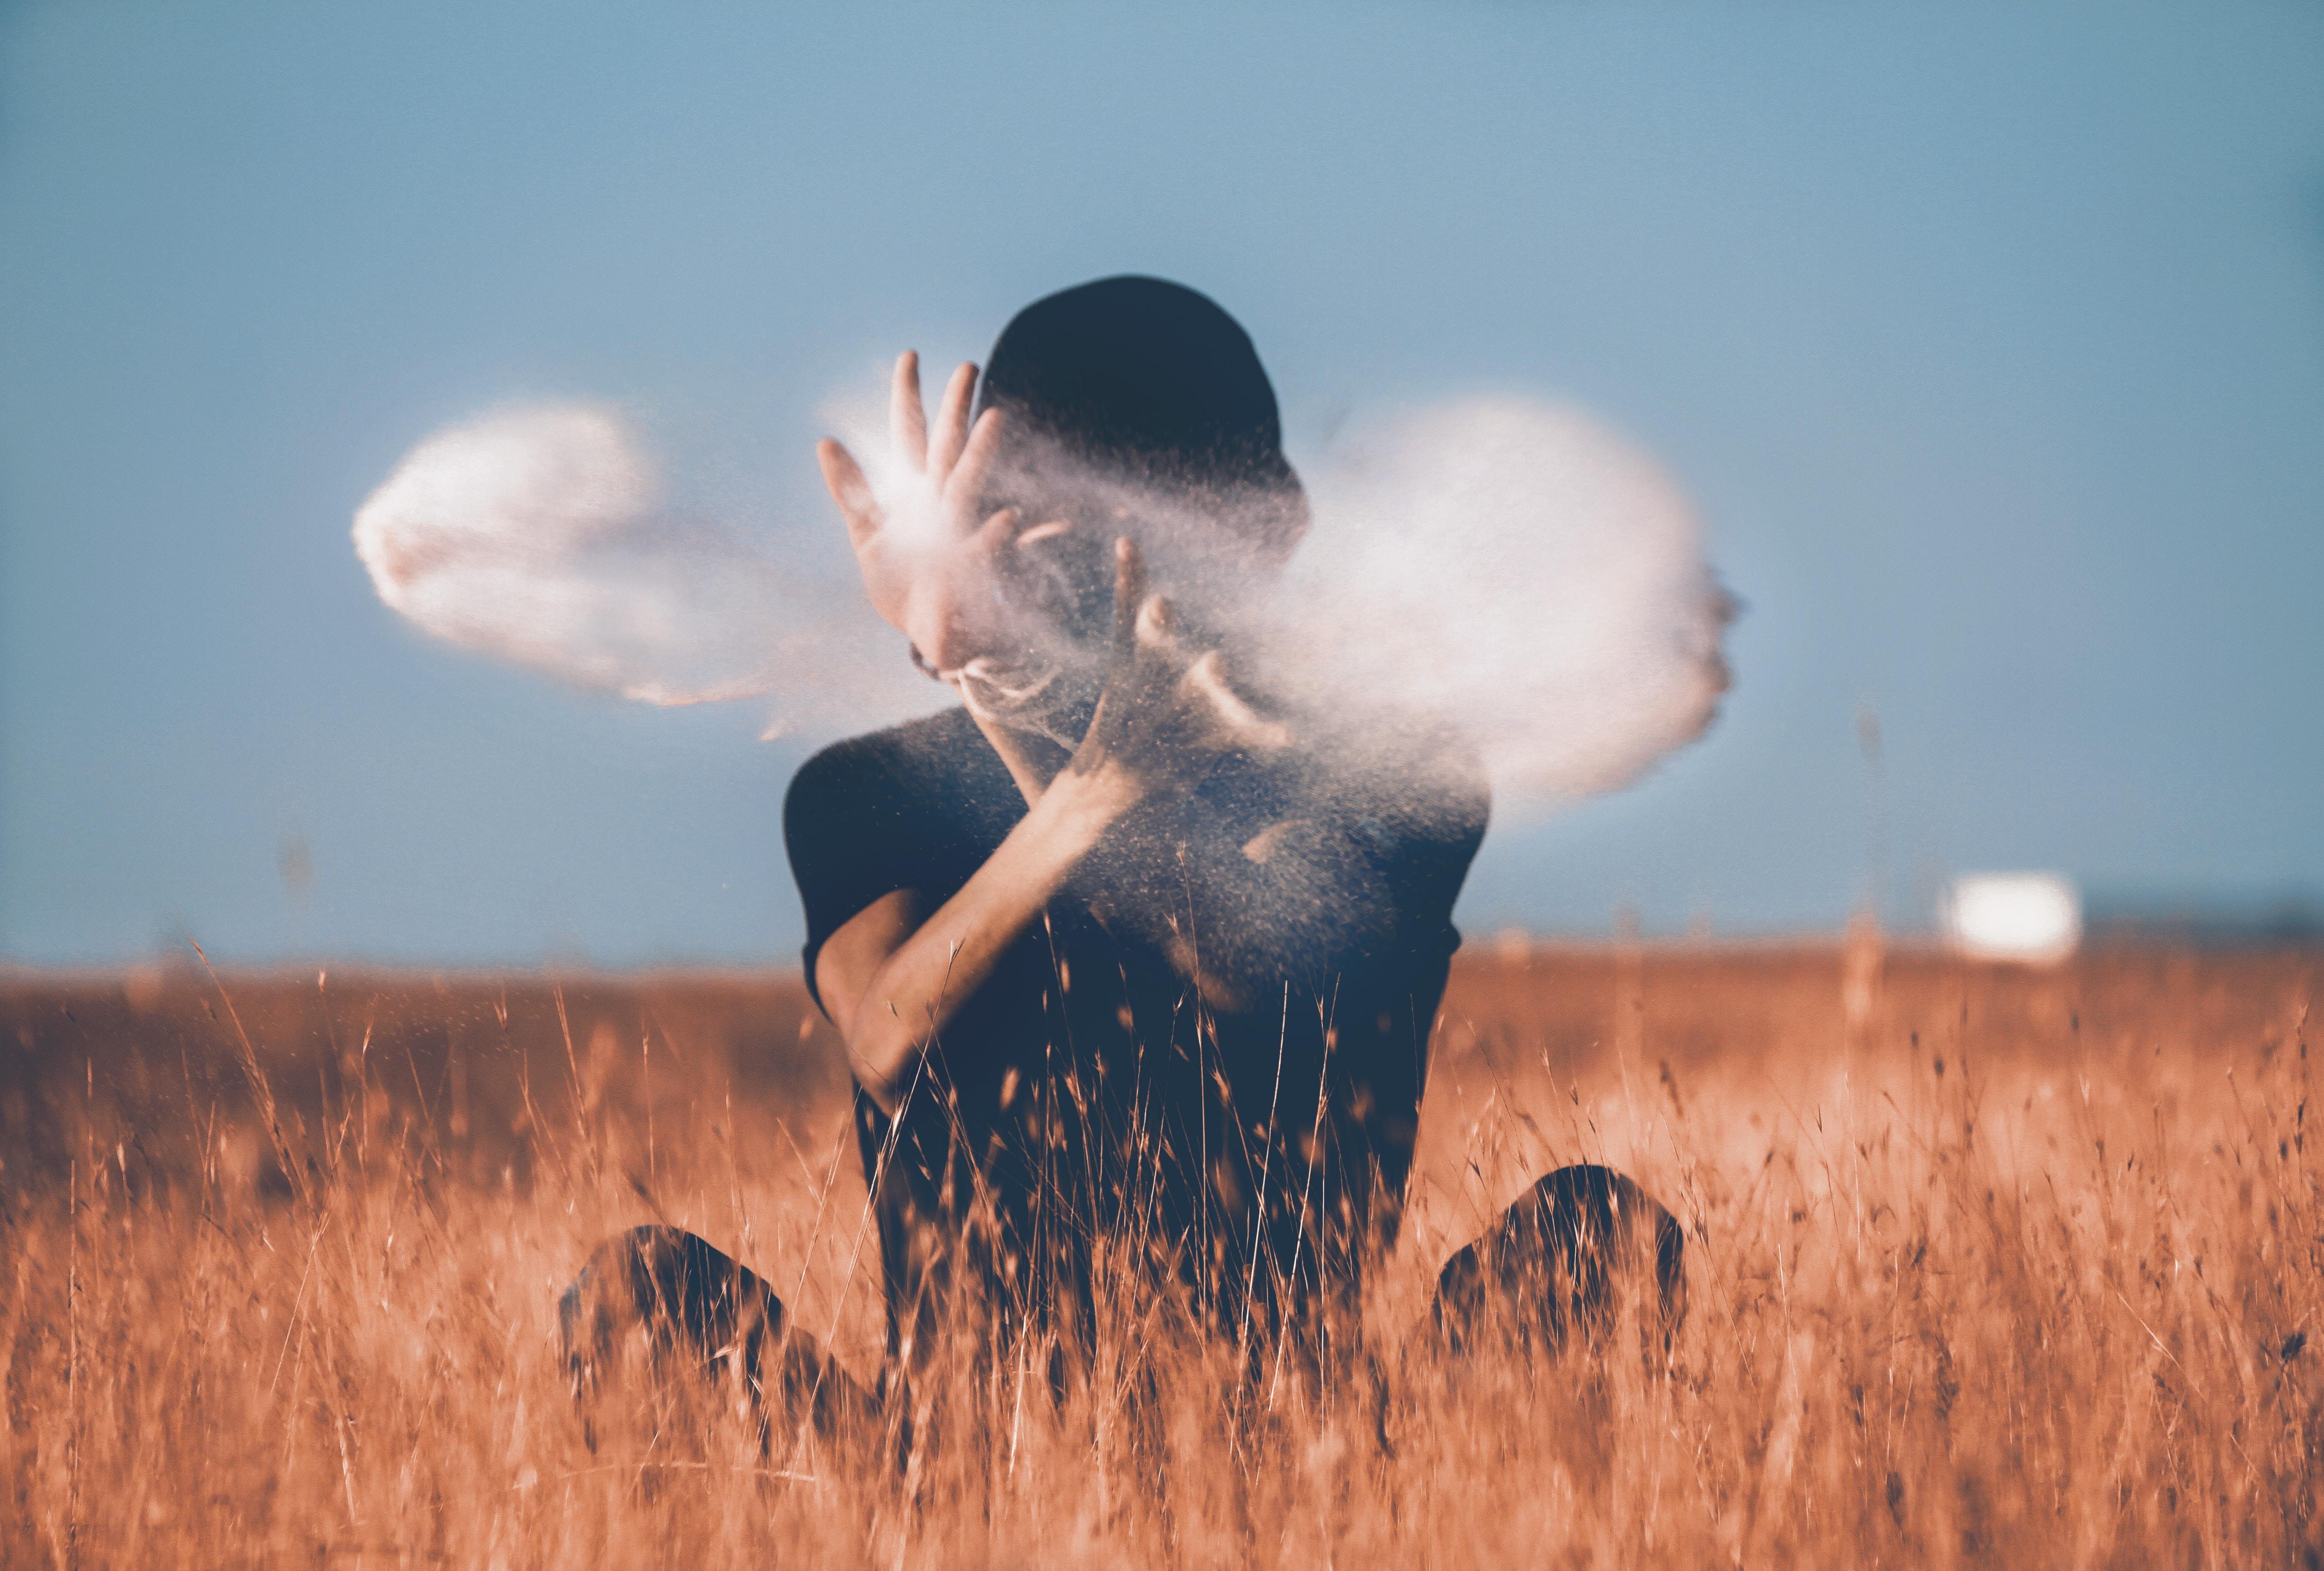 記憶術というのは、何ら特殊な技能でも魔法でもないし 1分で100語も夢でも希望でもなんでもない。